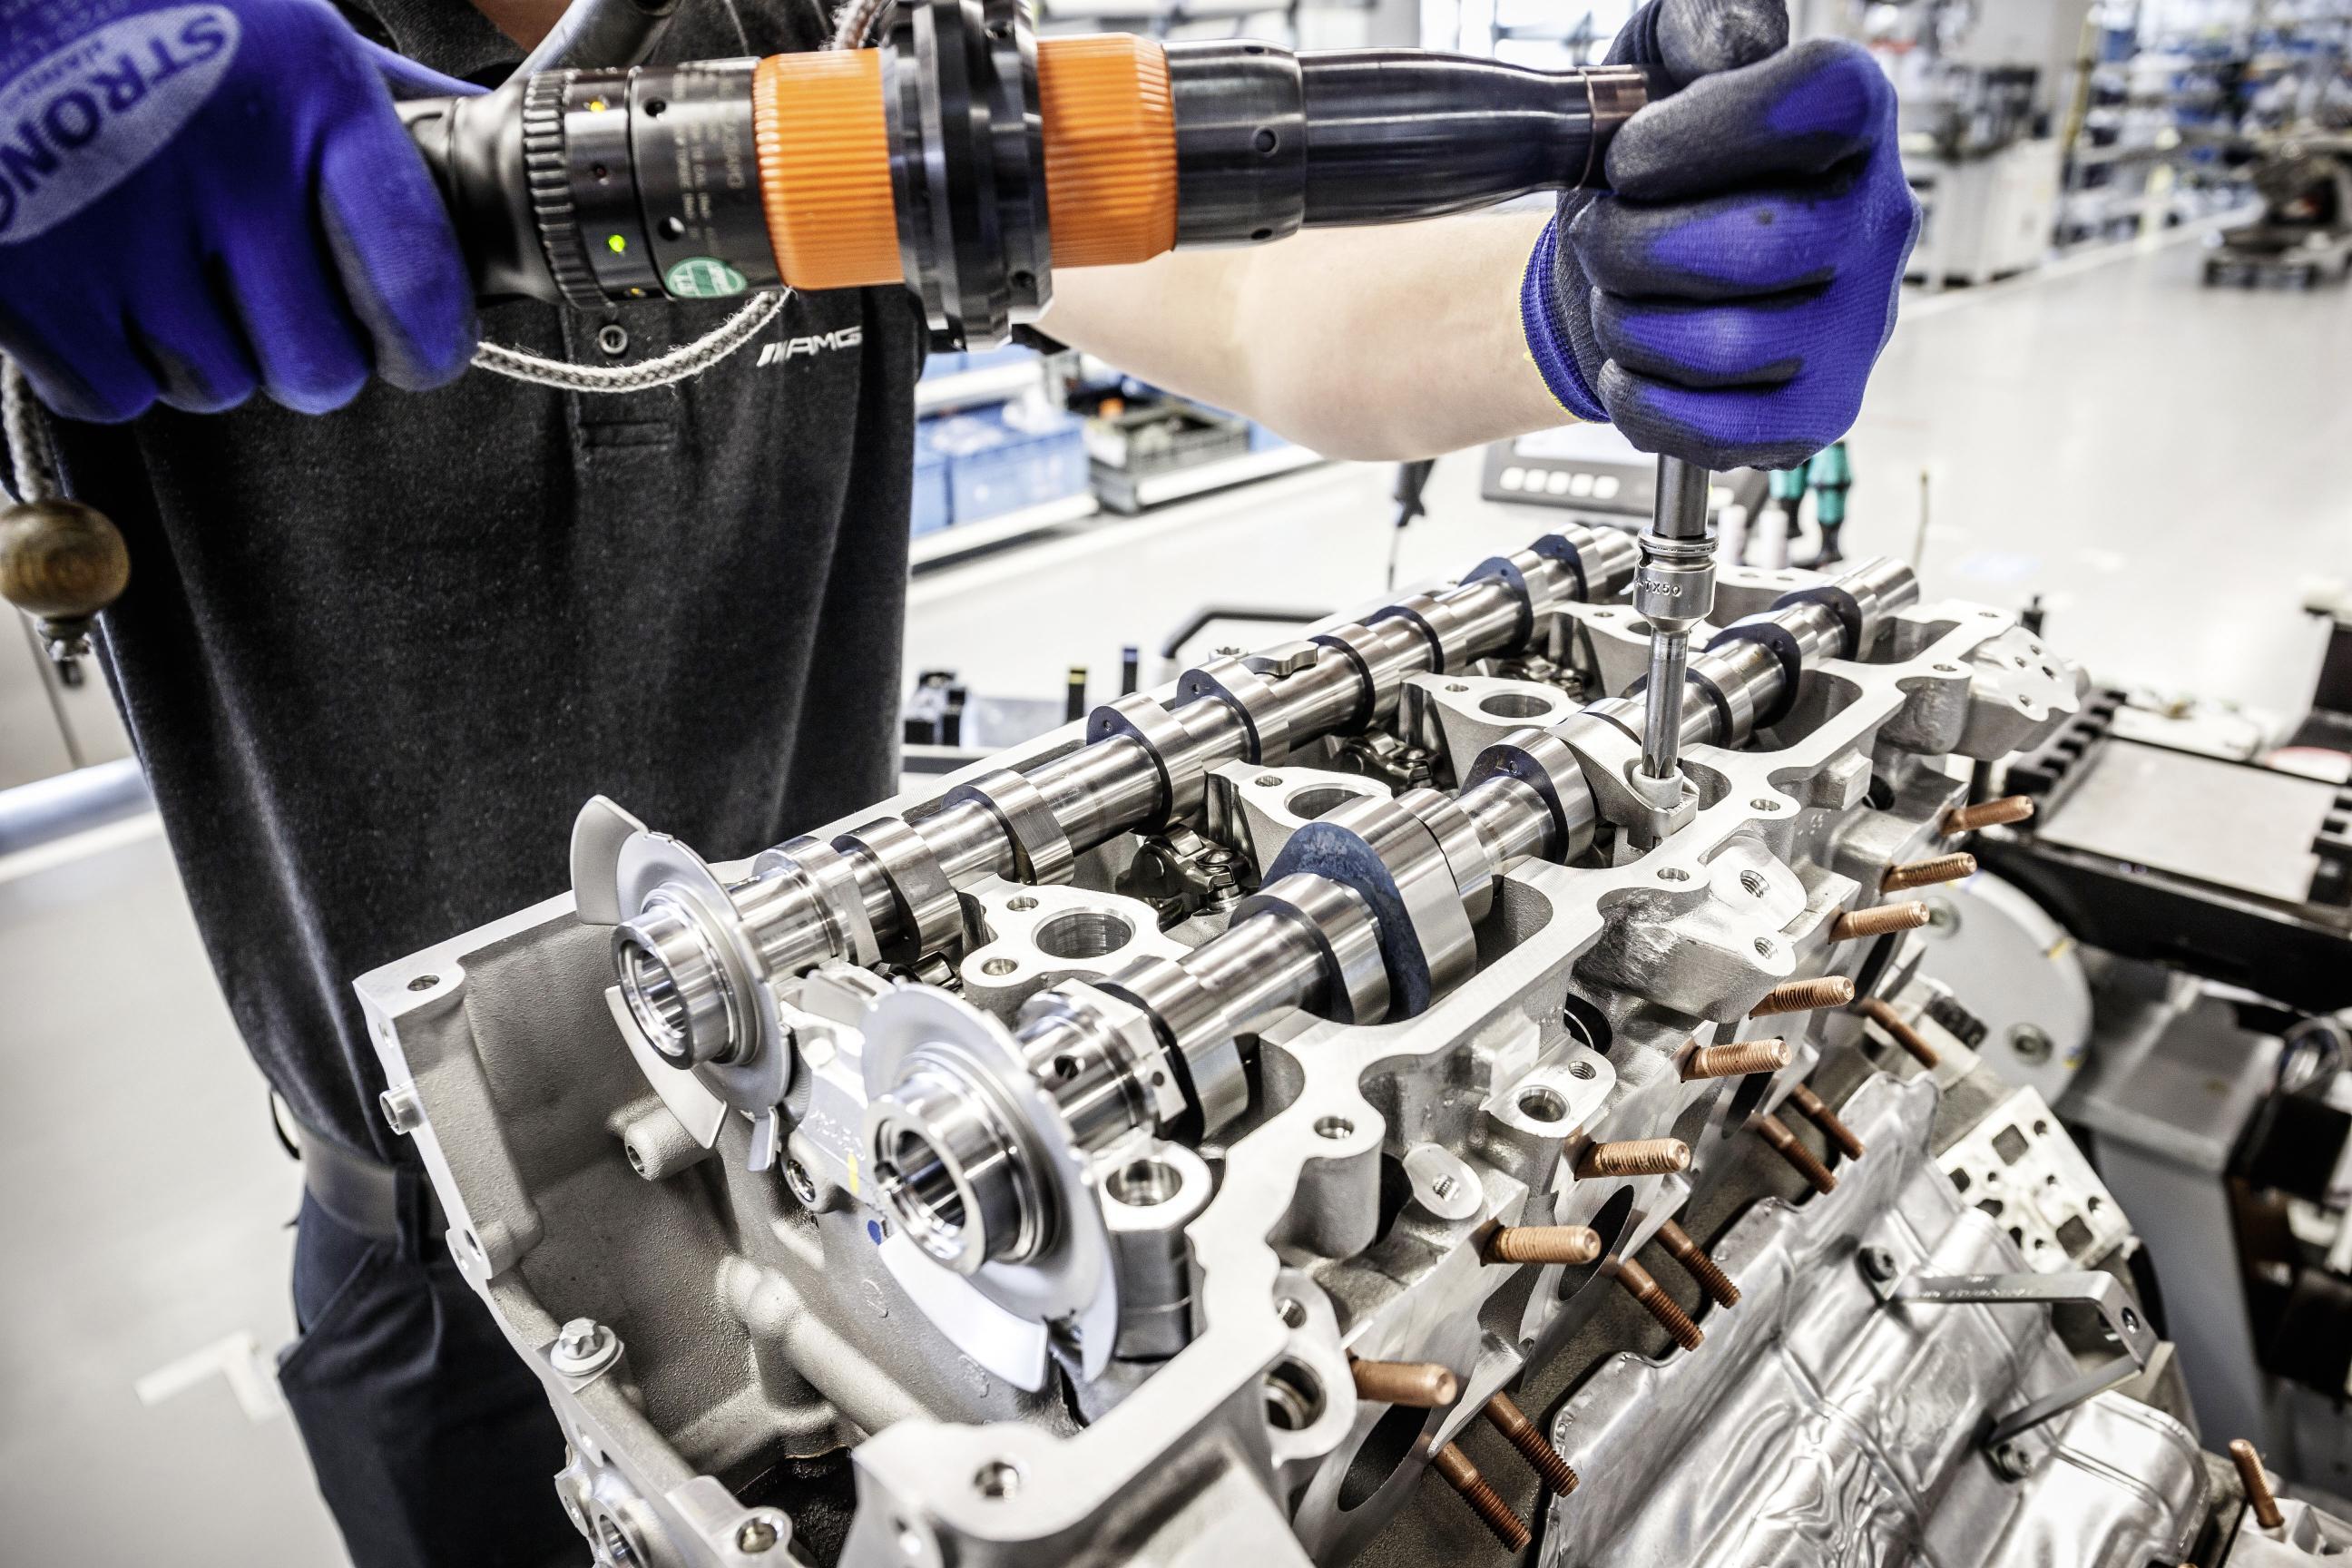 V6 motorji bodo postali osnova za nadgradnje